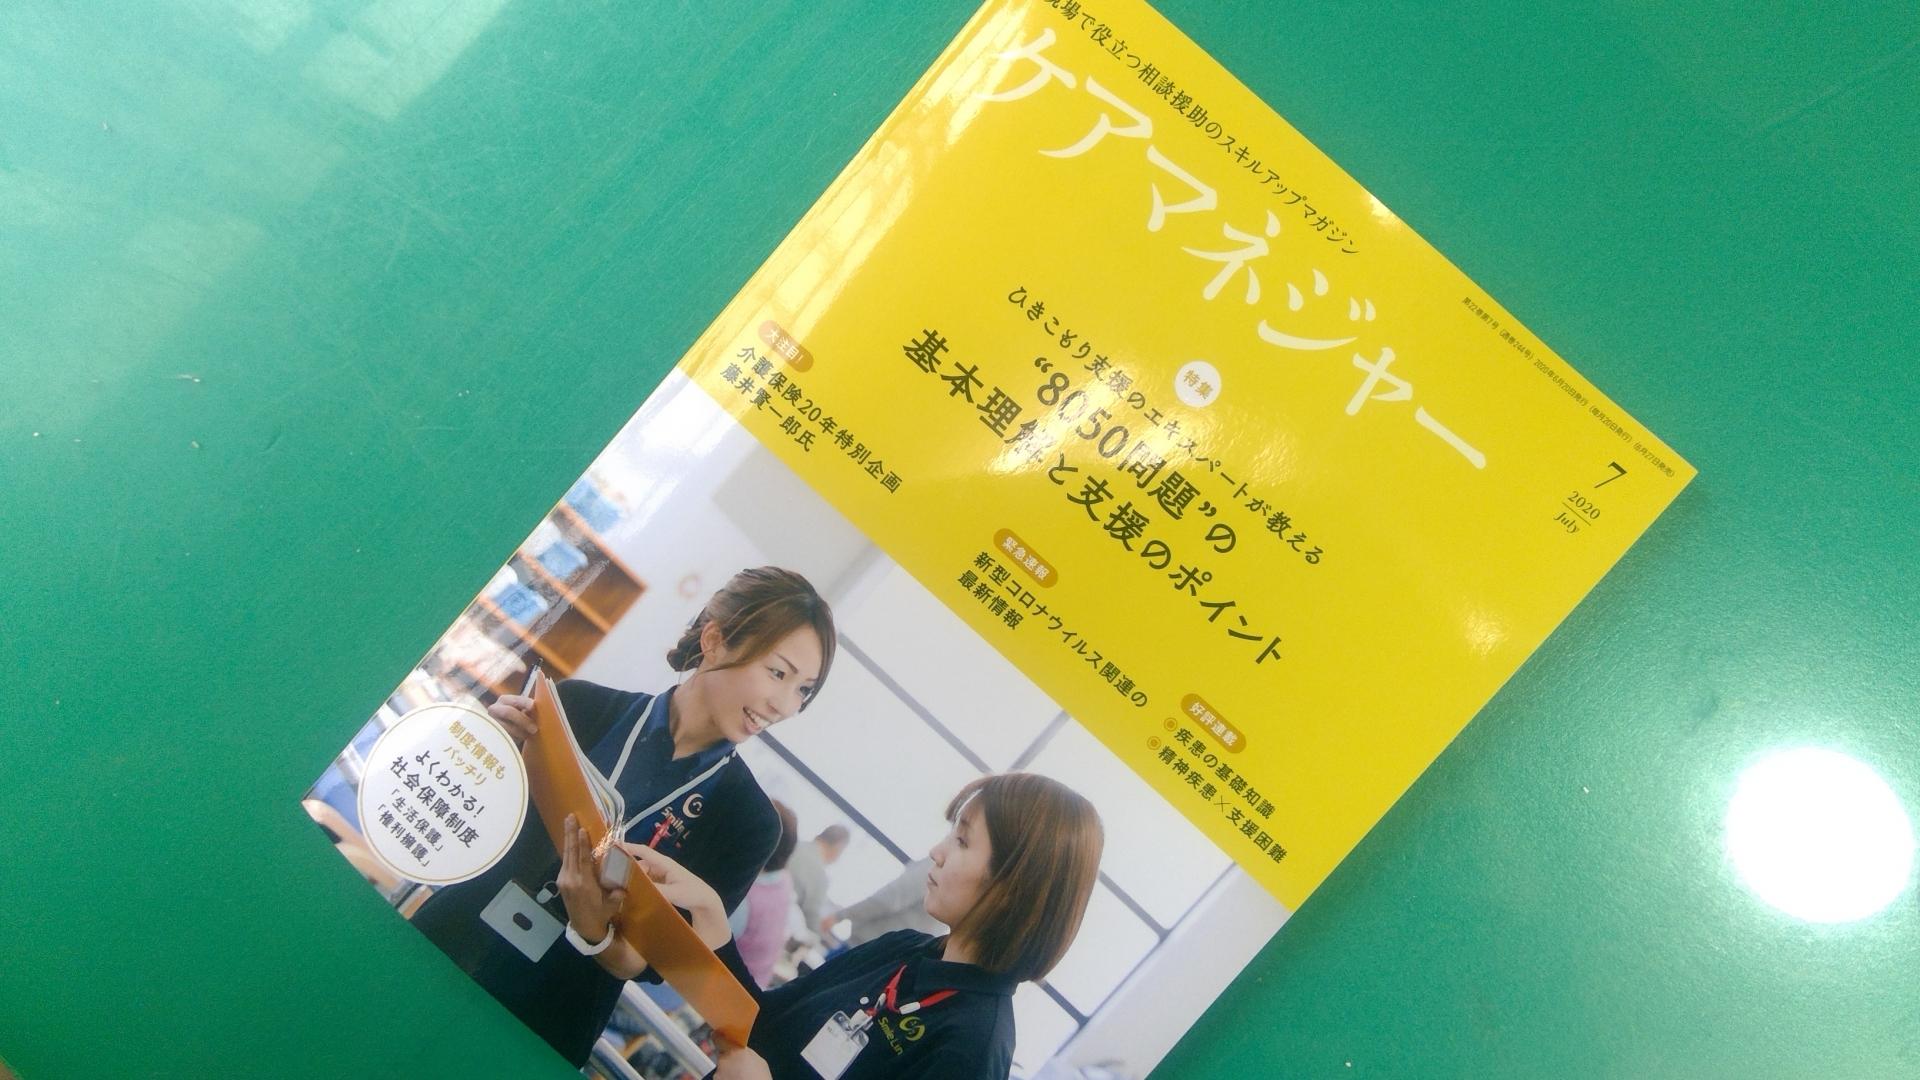 【最新号】 月刊ケアマネジャー 7月号 でました。